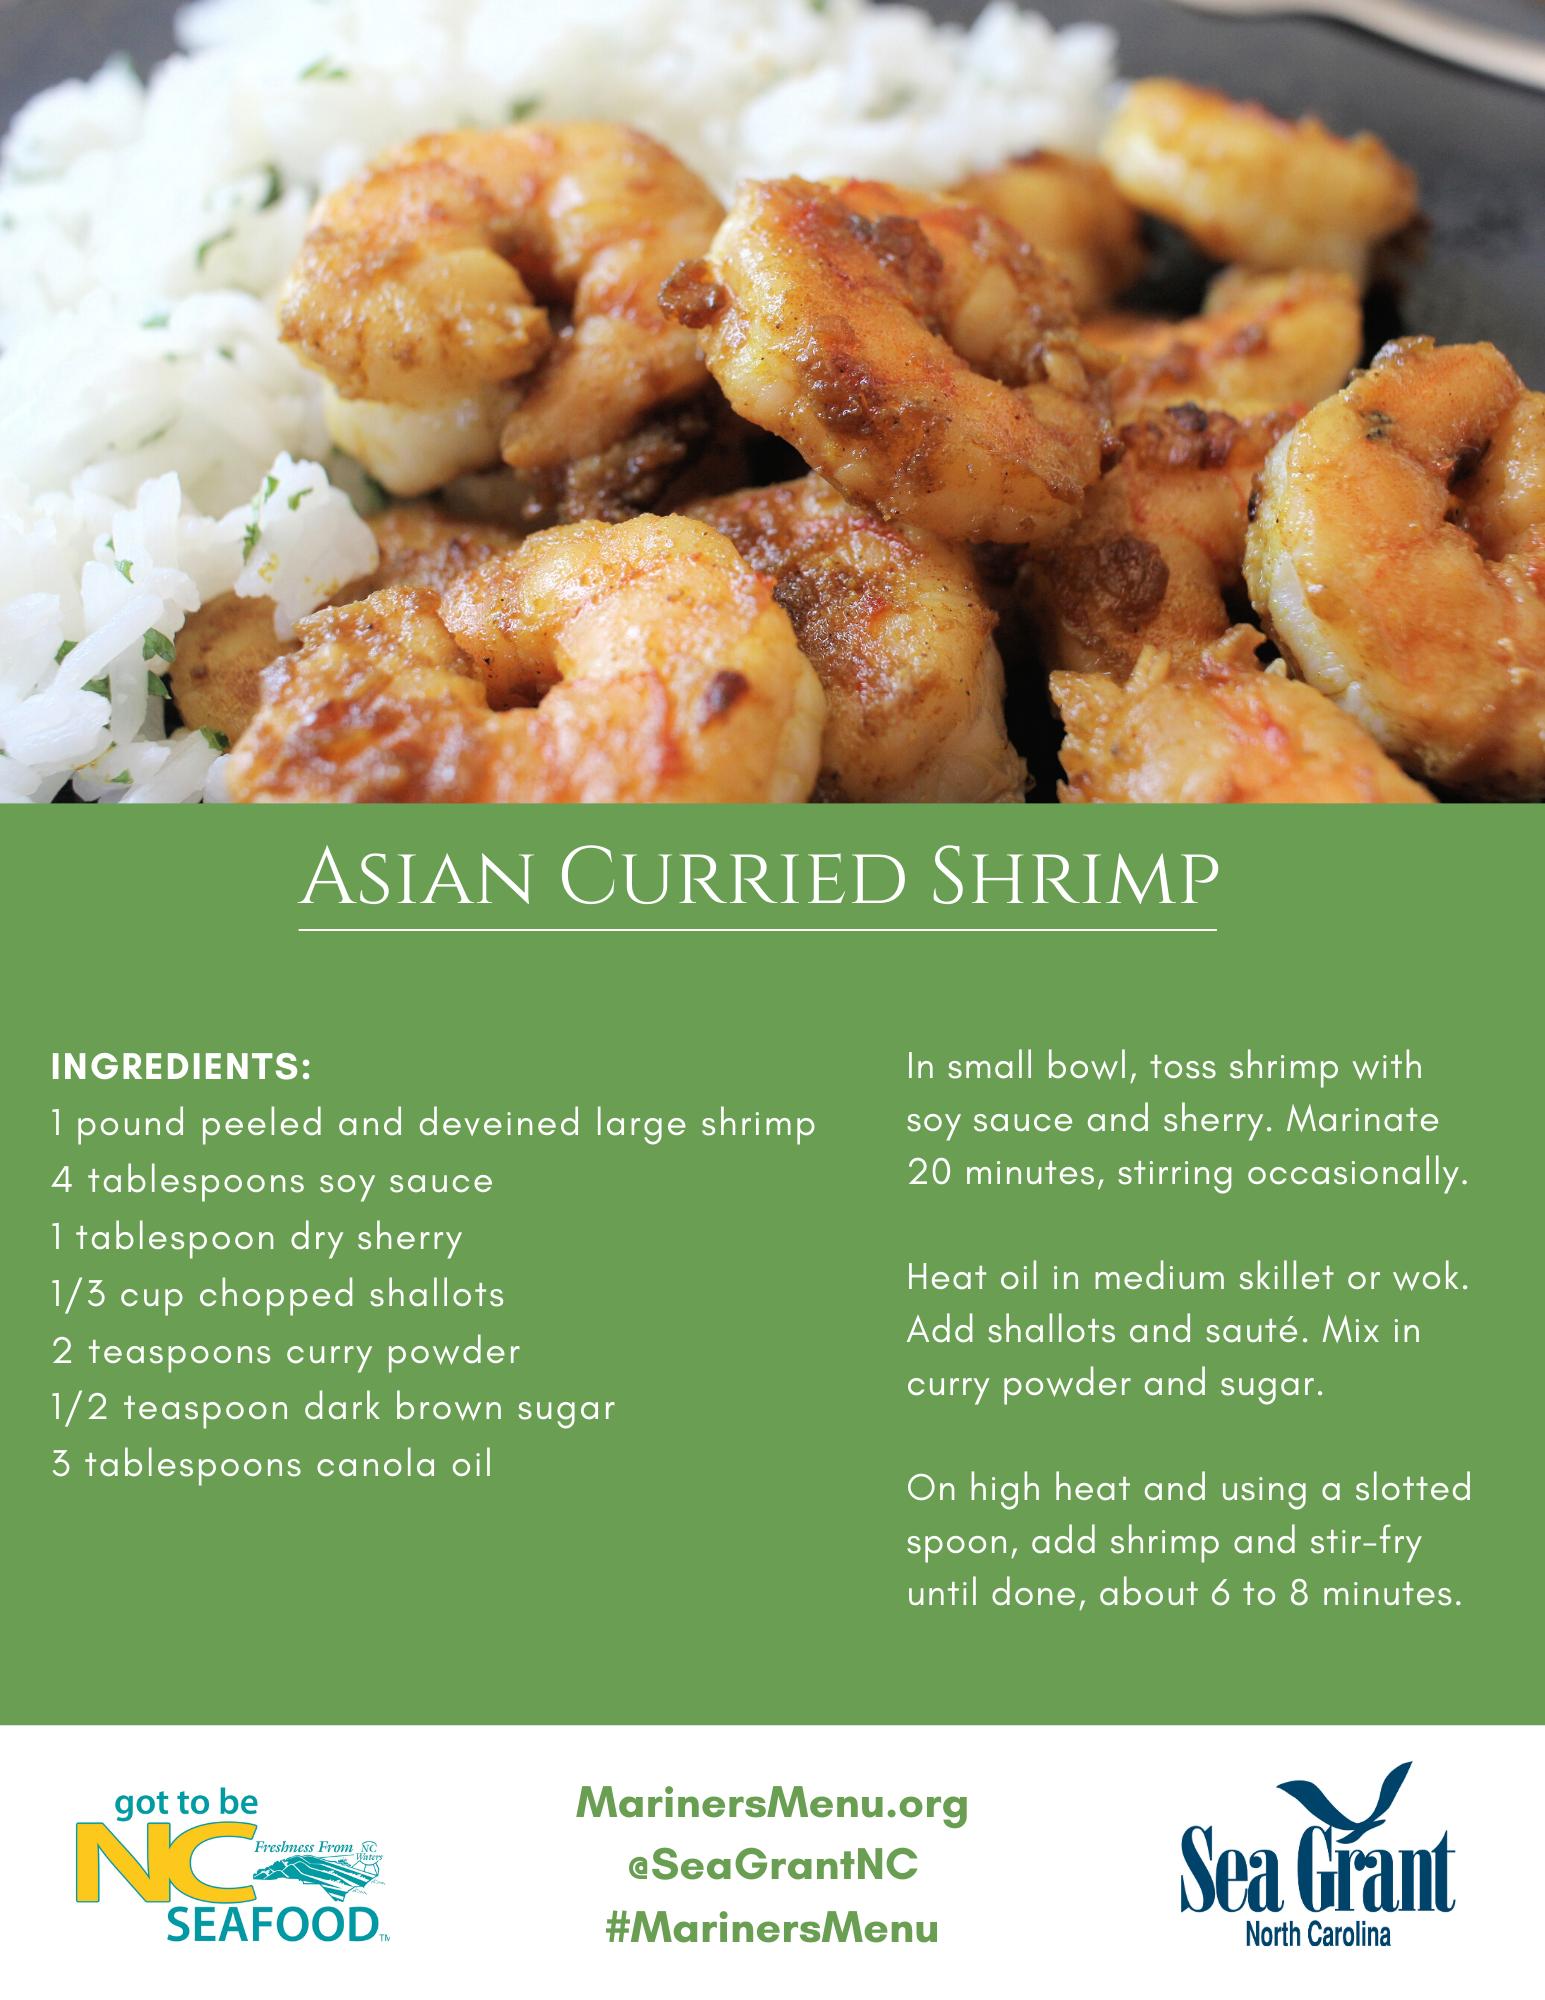 Asian Curried Shrimp